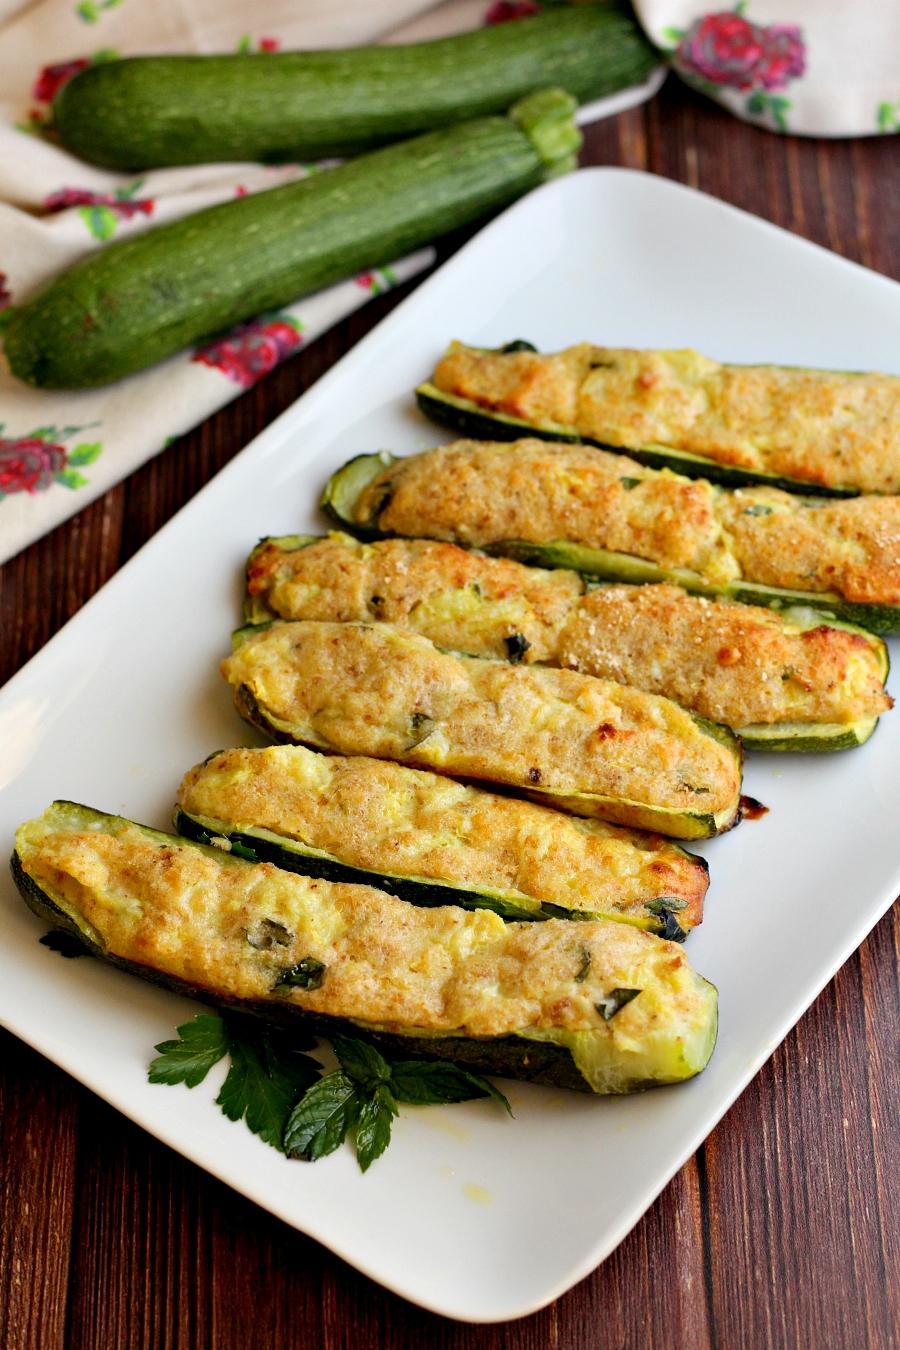 Ricetta Zucchine Ripiene Con Tonno.Zucchine Ripiene Di Tonno Con Capperi Ricetta Facile